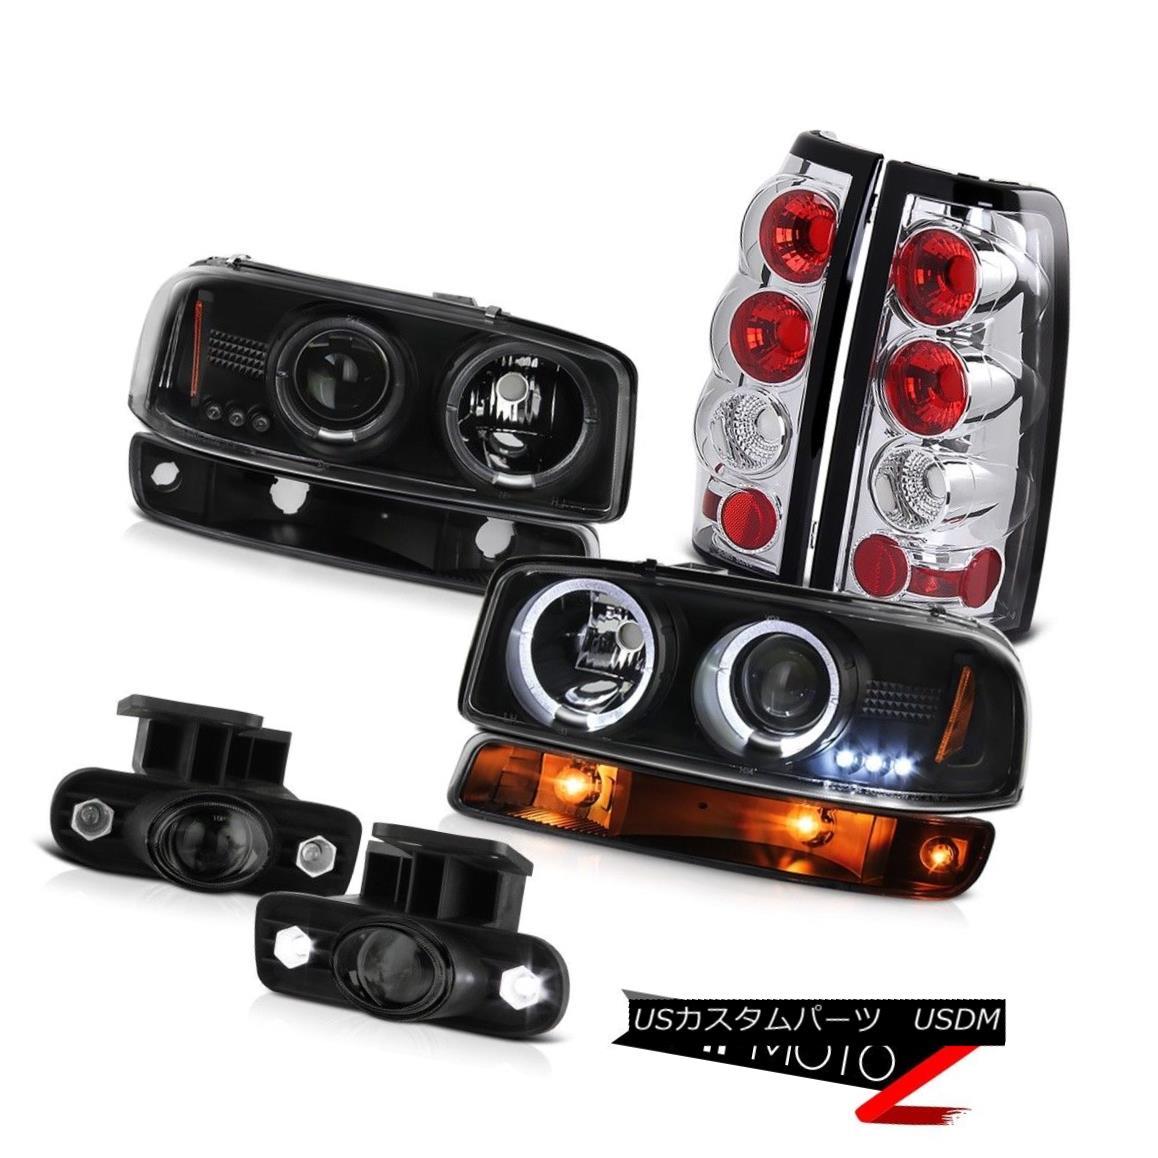 ヘッドライト 99-02 Sierra SLE Dark smoke fog lamps chrome rear brake turn signal Headlamps 99-02シエラSLEダークスモークフォグランプクロームリアブレーキターンシグナルヘッドランプ